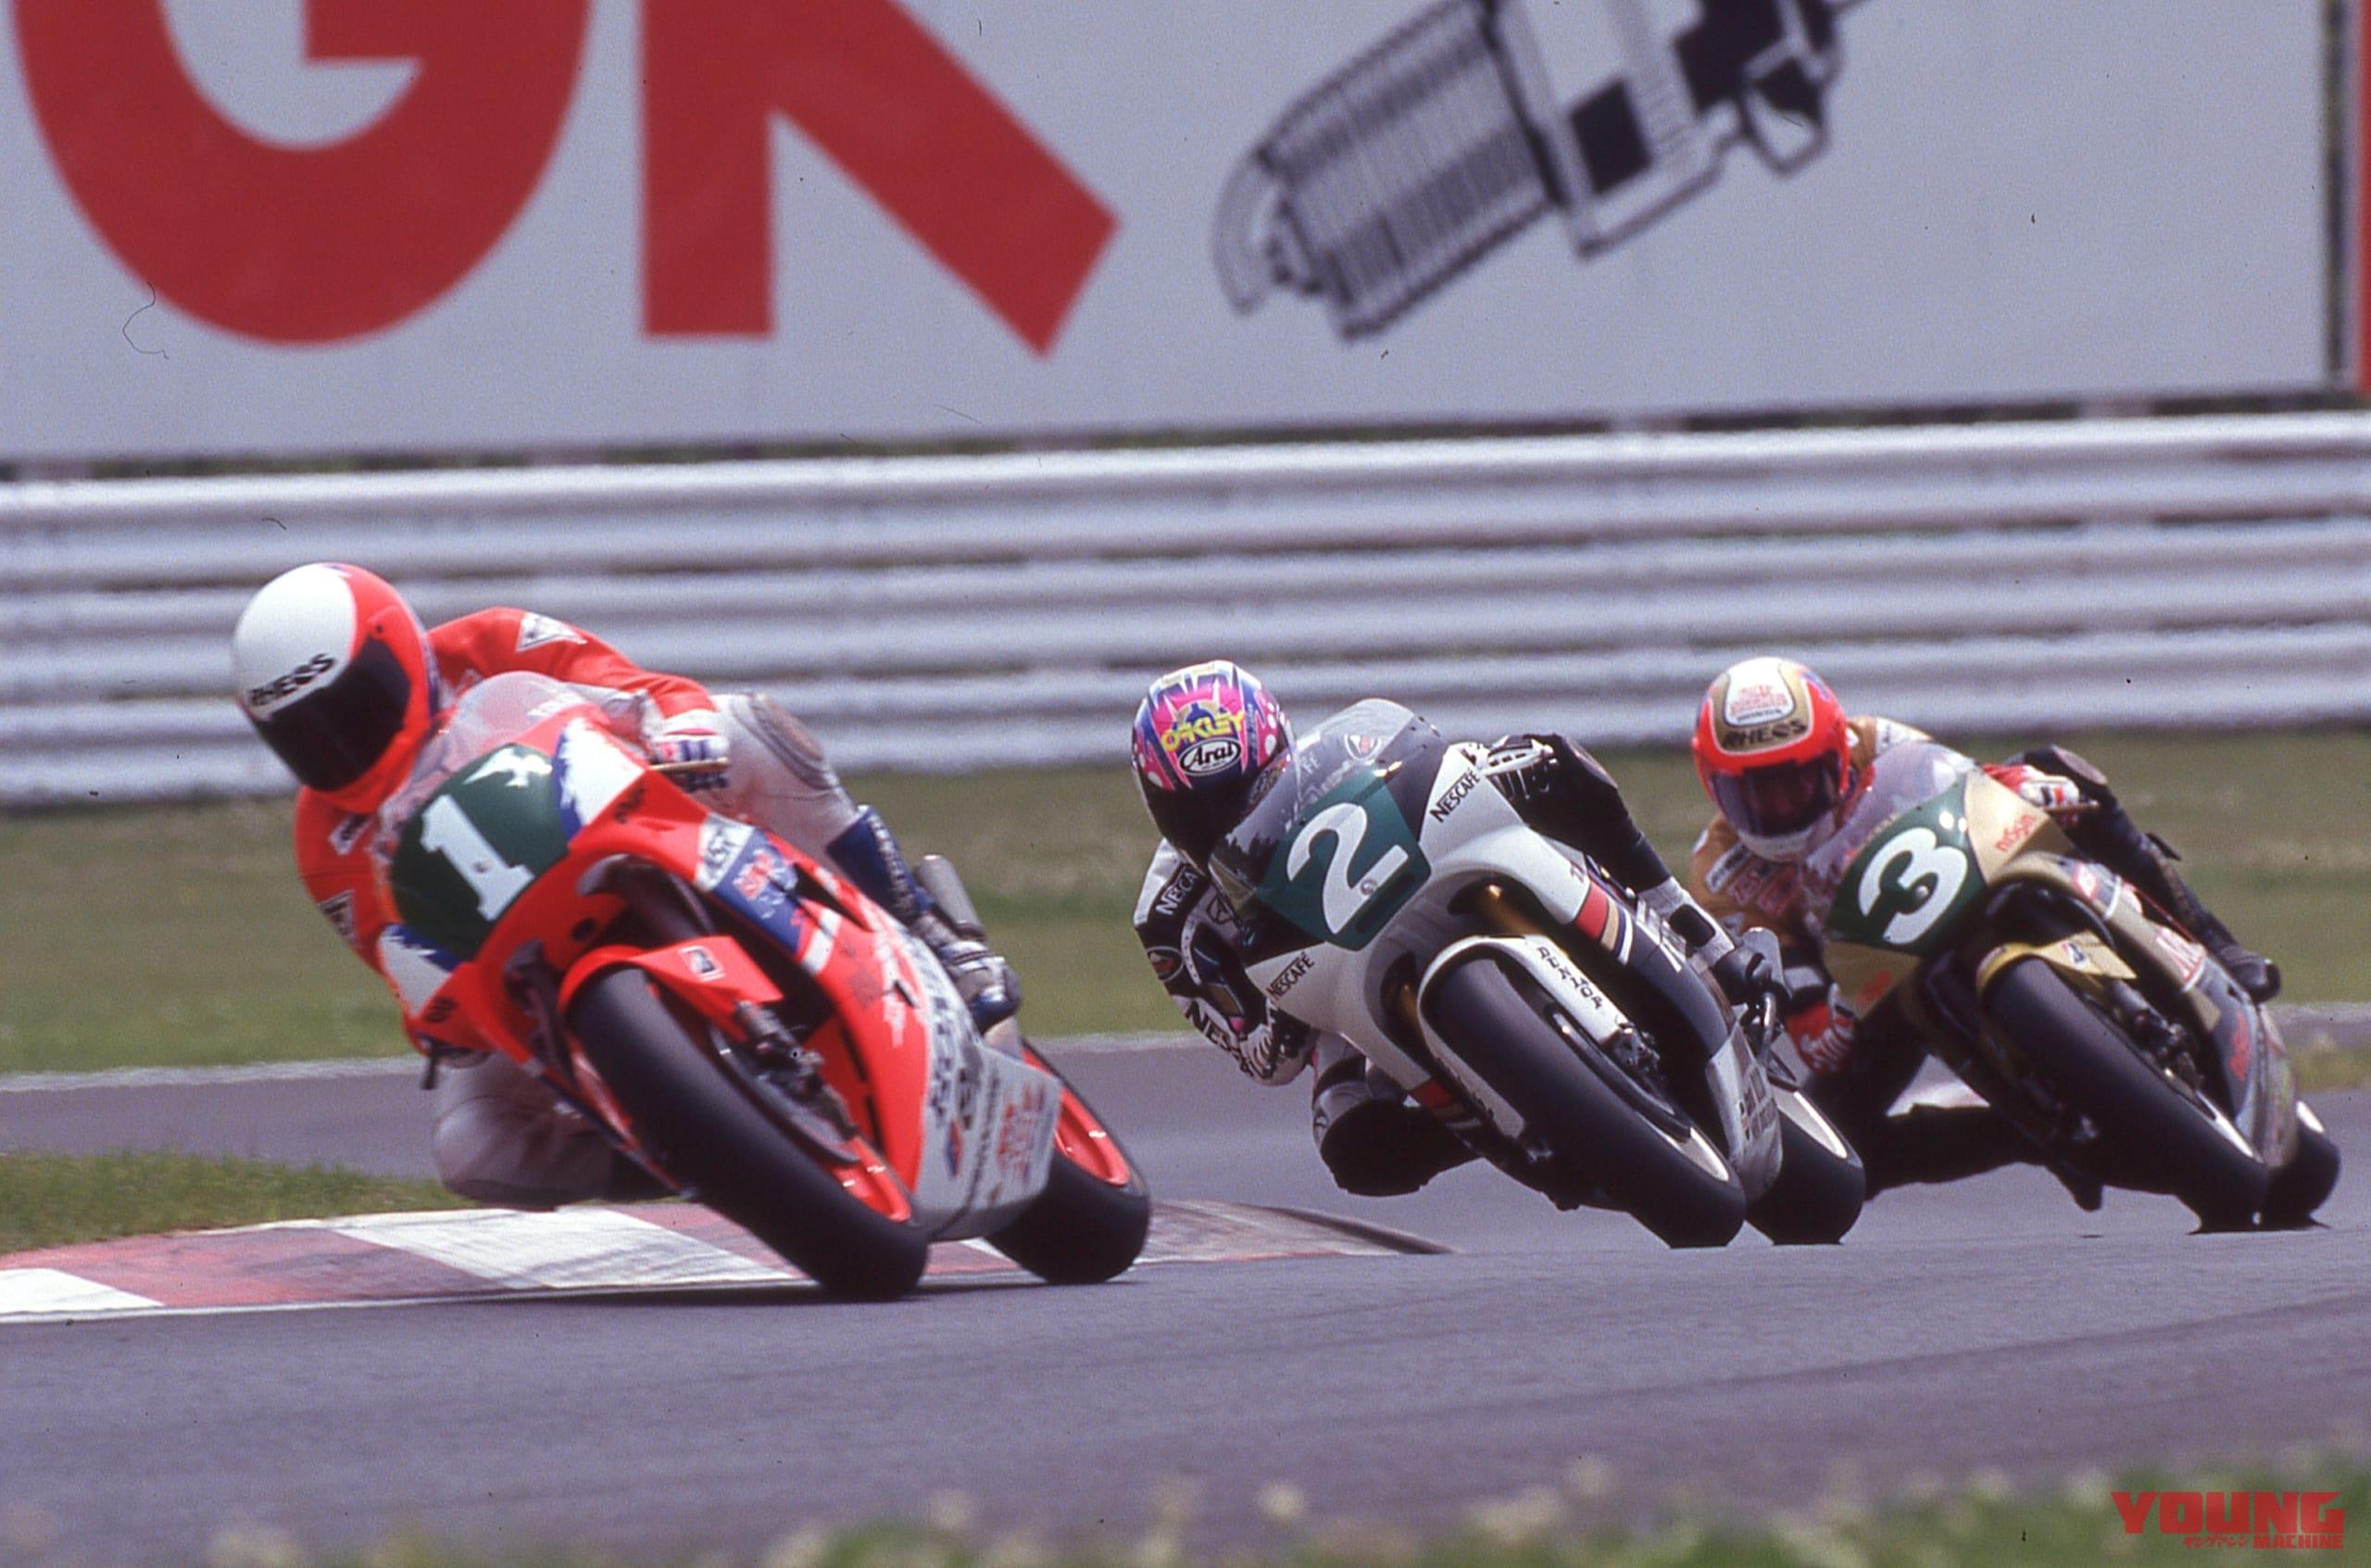 1992年、全日本ロードレース 菅生